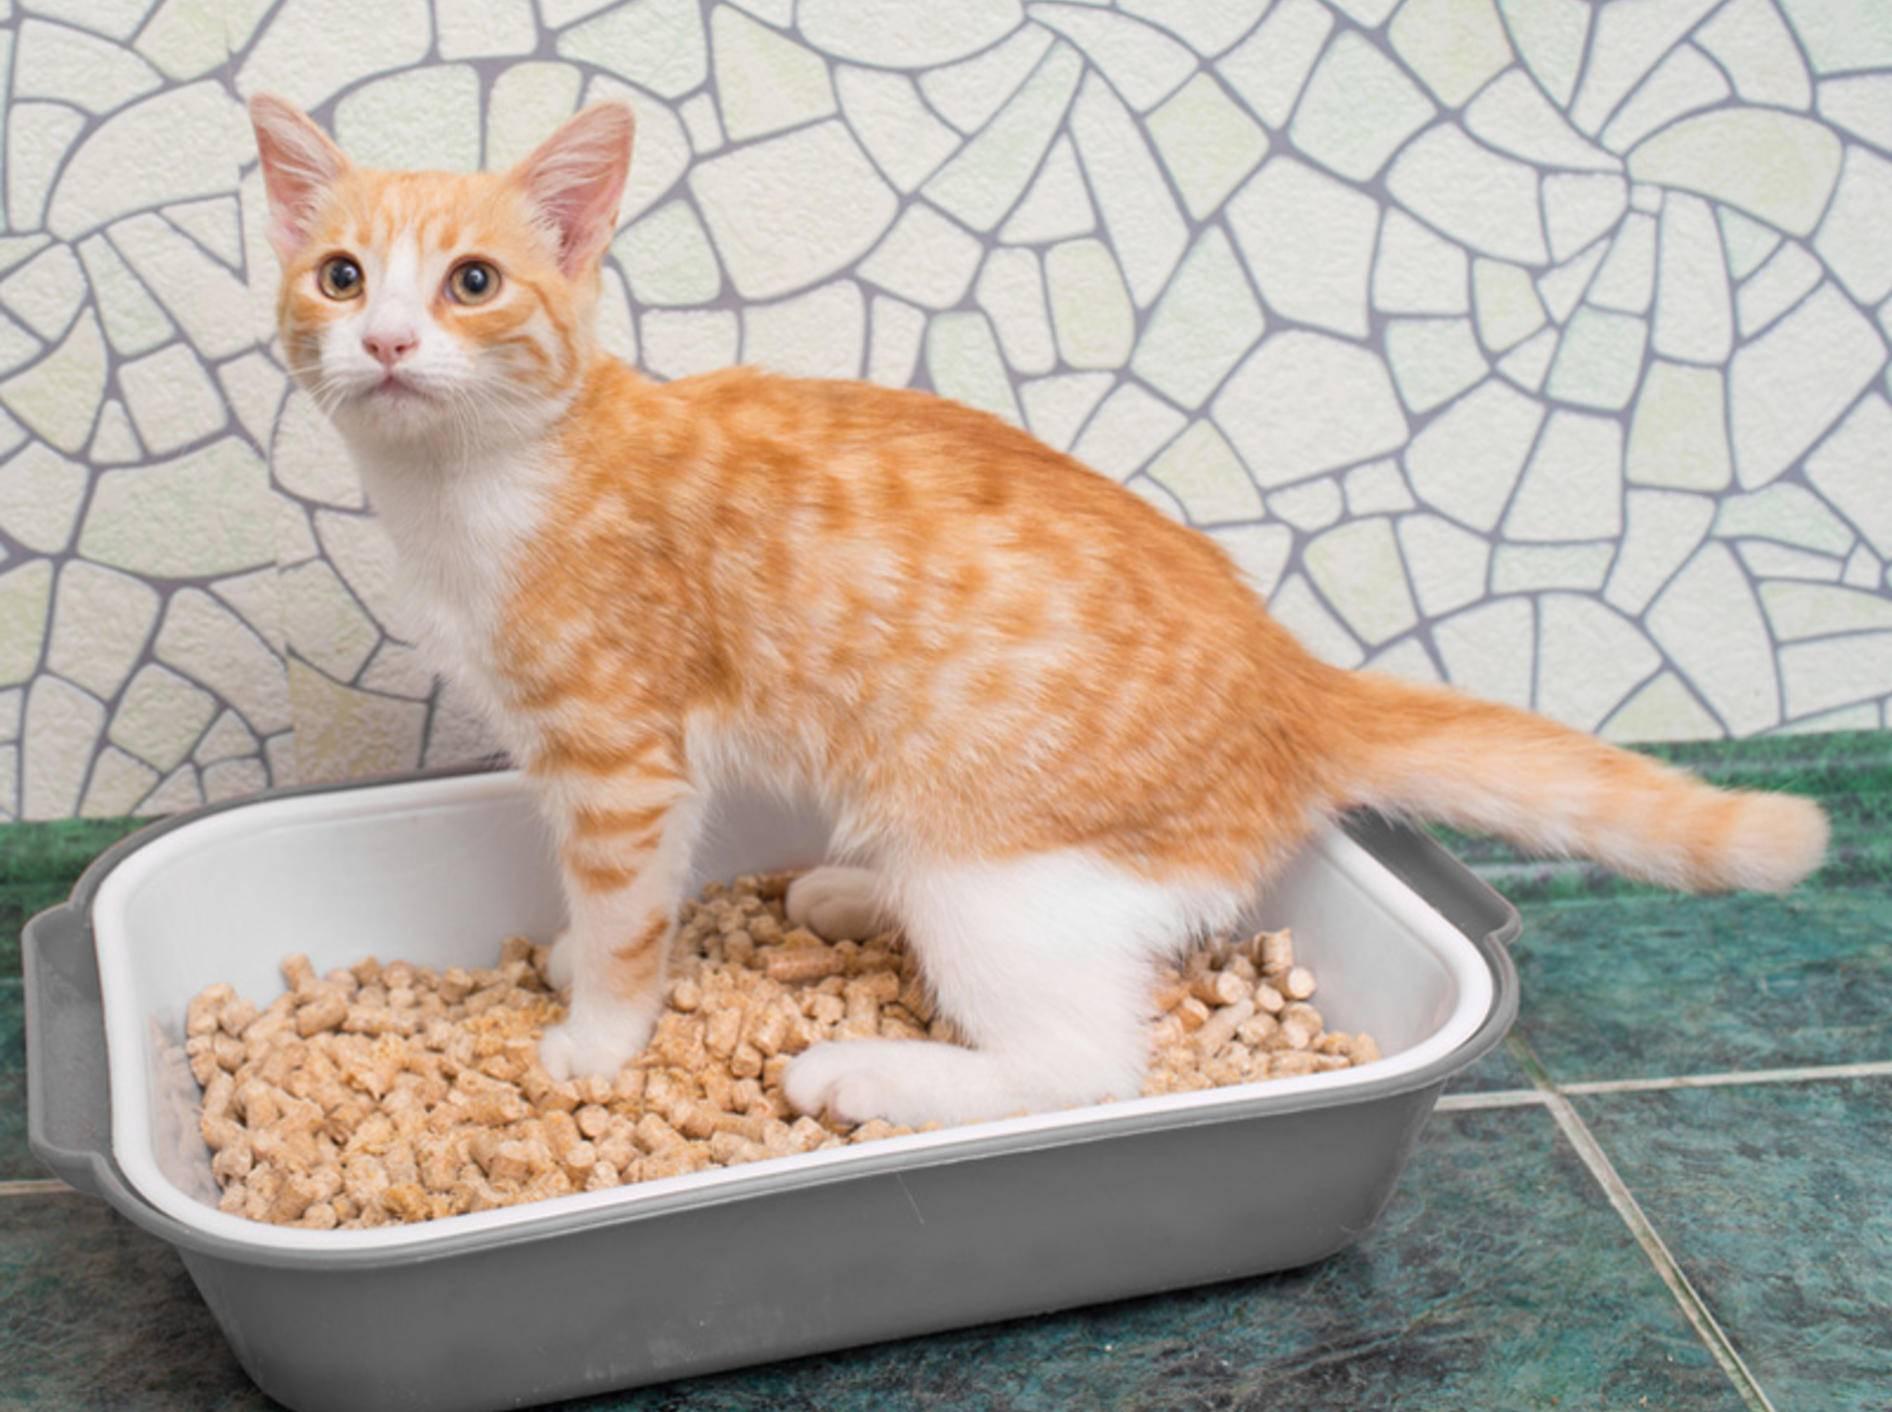 Zwar geht dieser Stubentiger brav aufs Katzenklo – seine Artgenossen hinterlassen dennoch gerne Katzenurin-Geruch auf Möbeln und Teppichen – Tiplyashina Evgeniya/Shutterstock